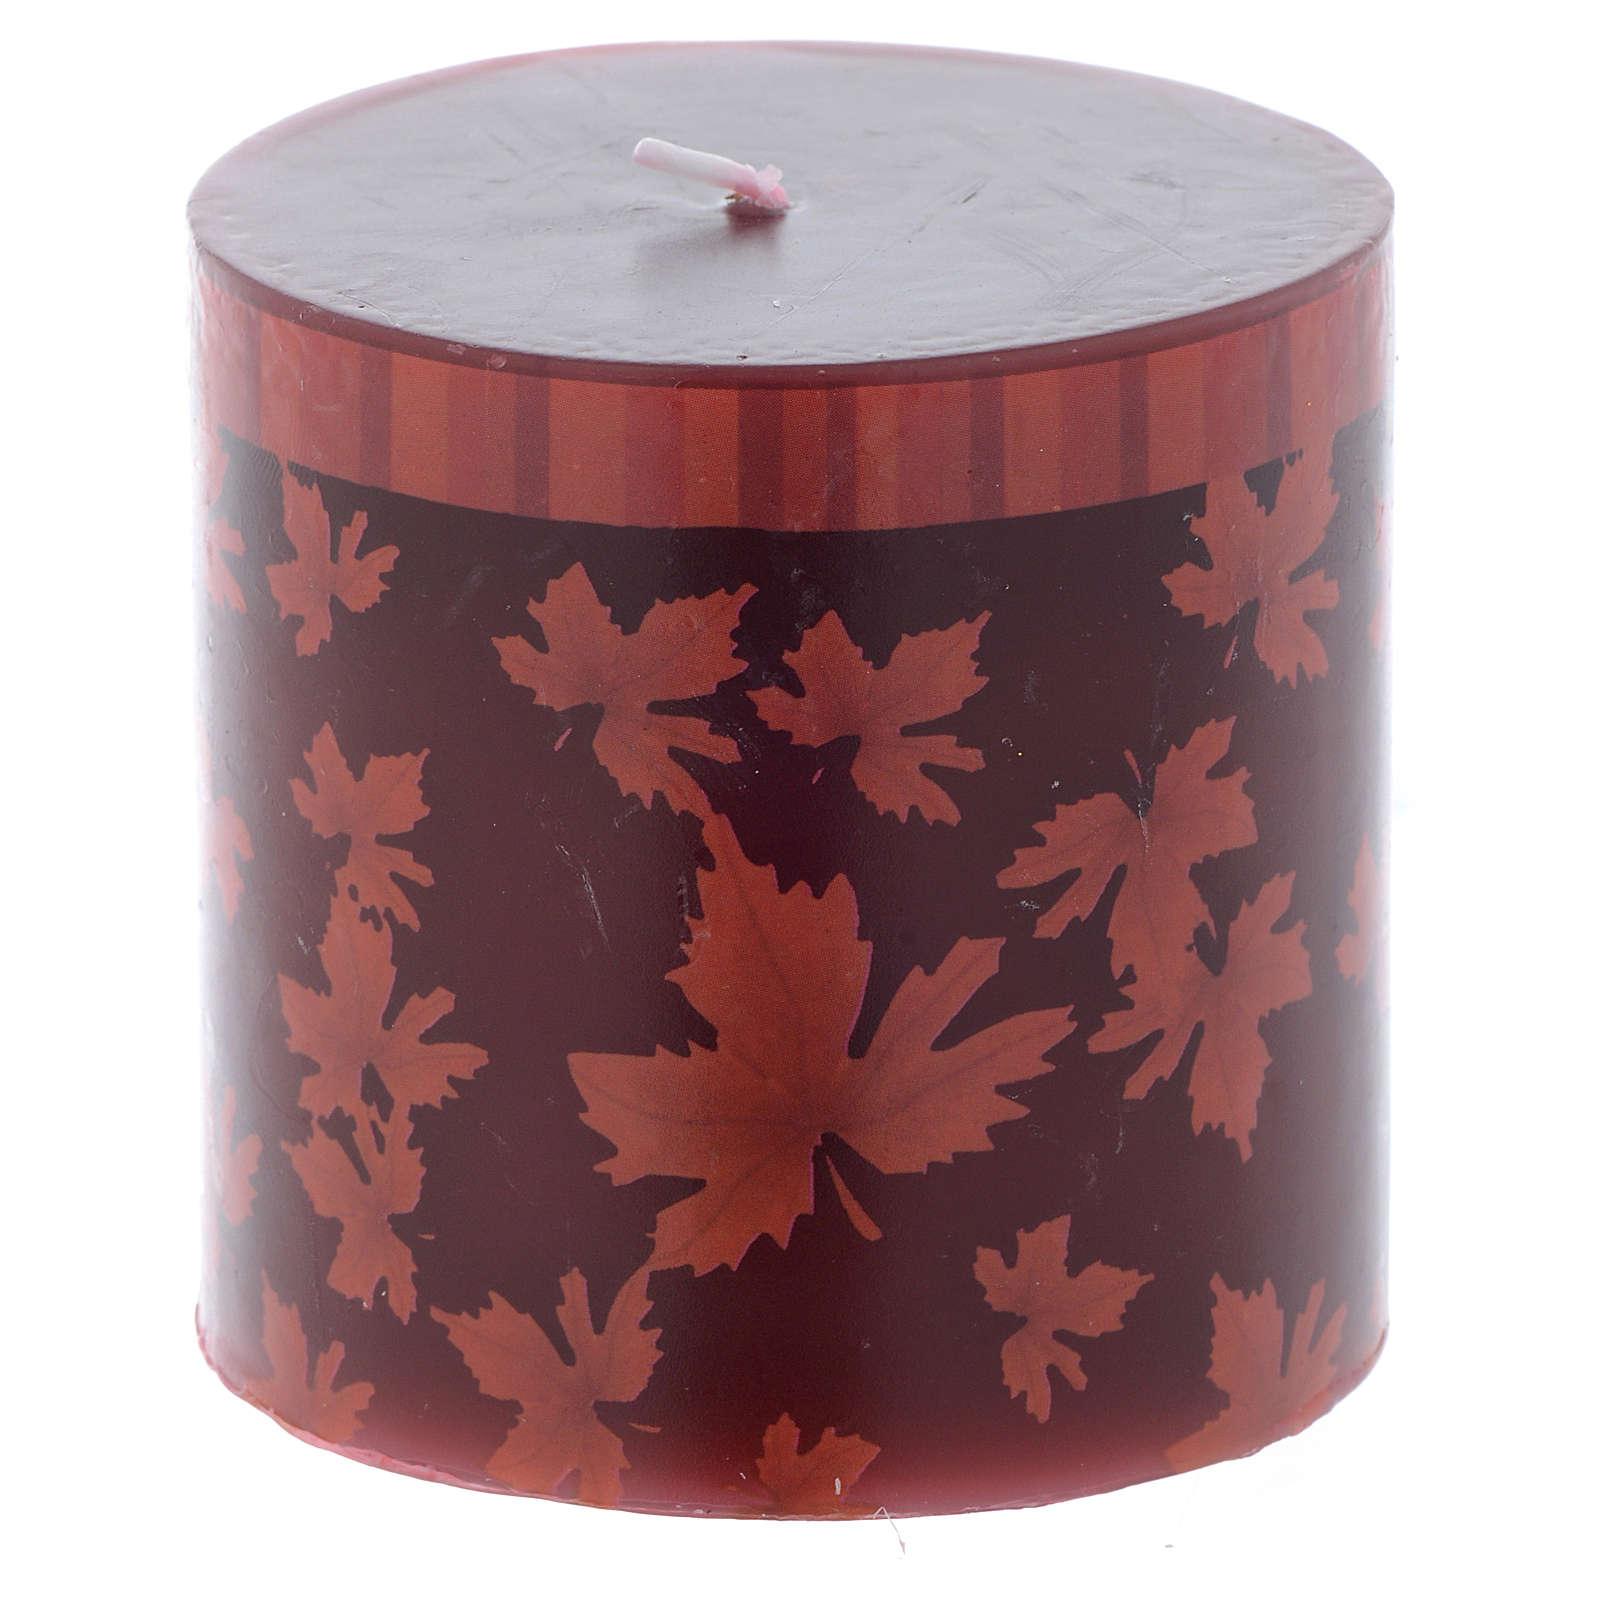 Vela Navidad cilindro con hojas rojas, h 7,5 cm 3